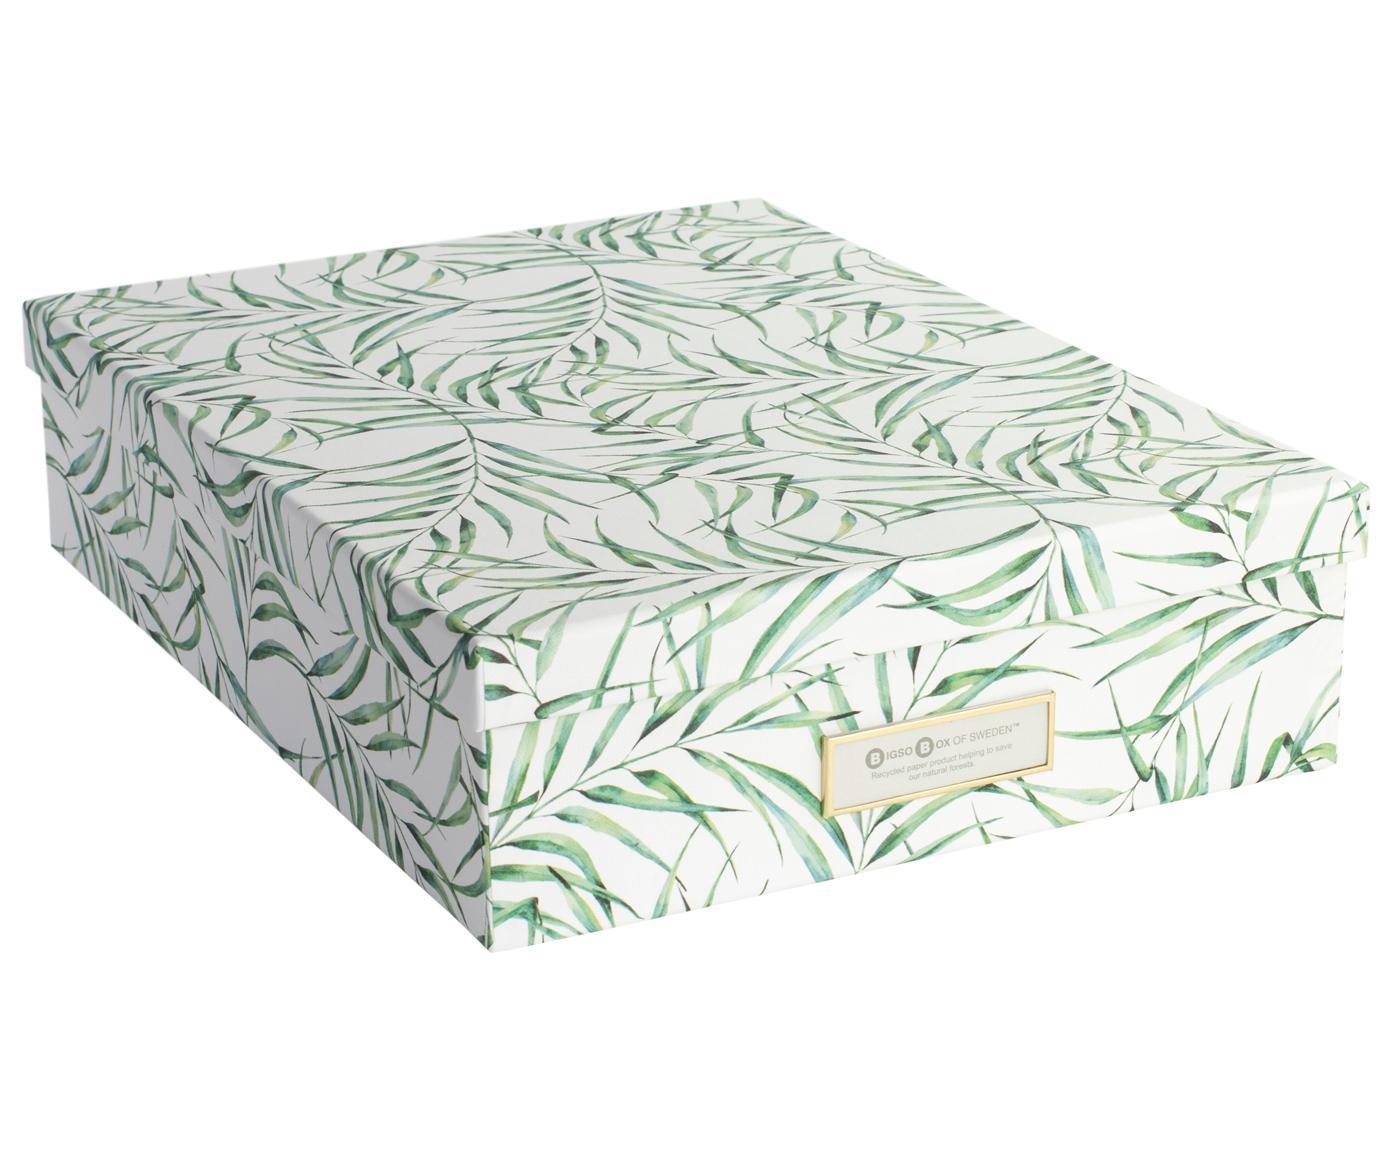 Opbergdoos Breeze, Stevig, gelamineerd karton, Wit, groen, 35 x 9 cm